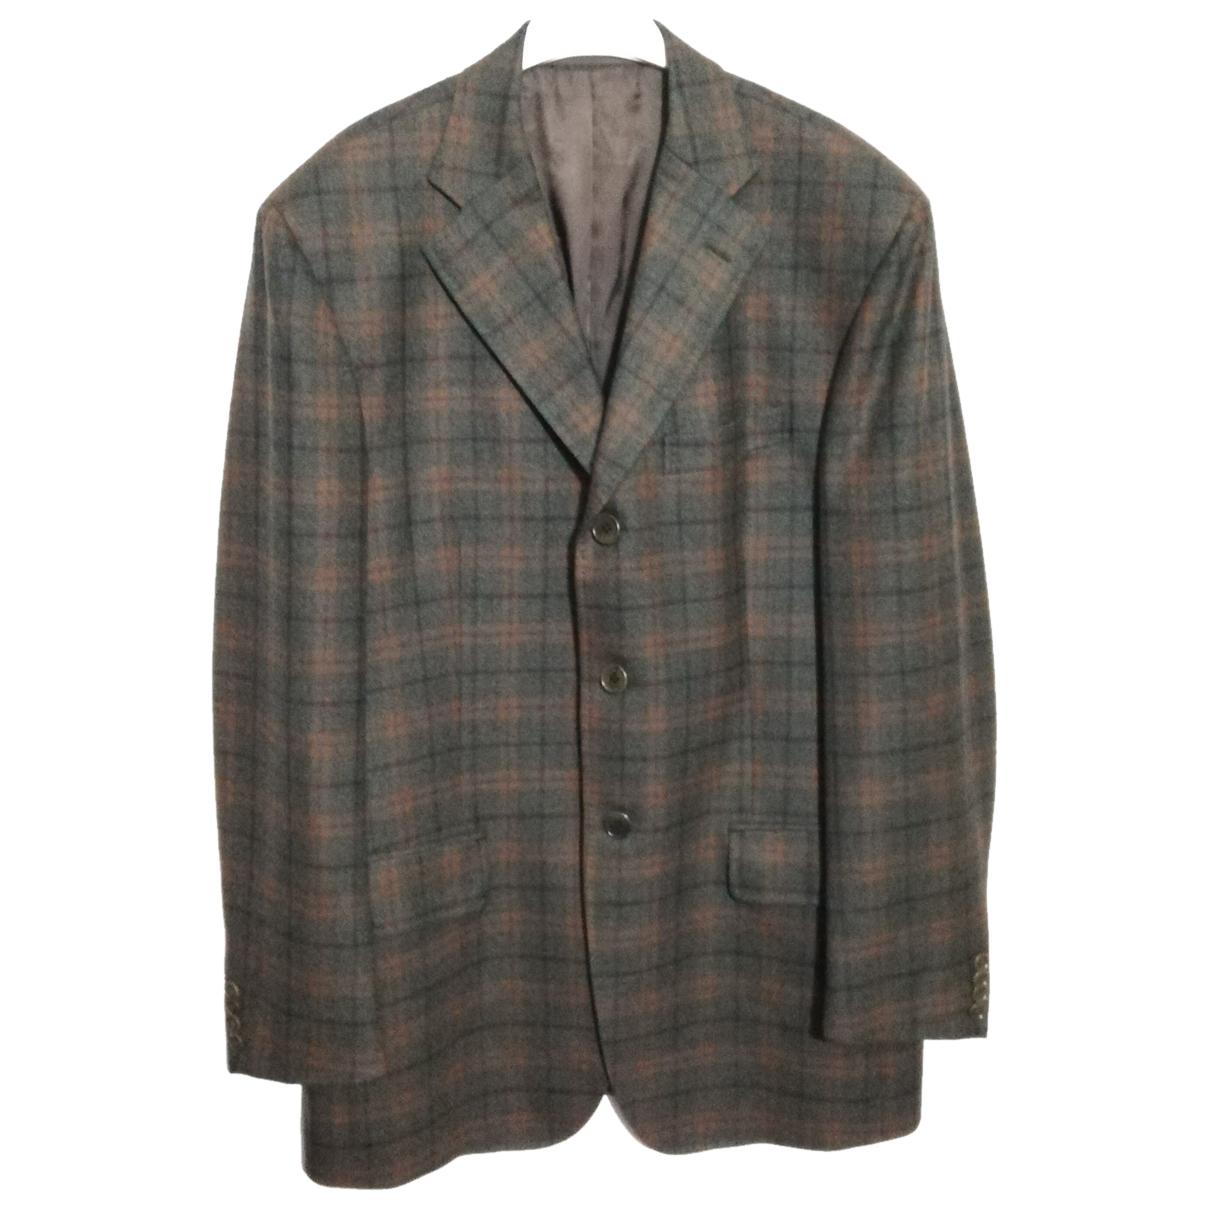 Cantarelli - Vestes.Blousons   pour homme en laine - multicolore